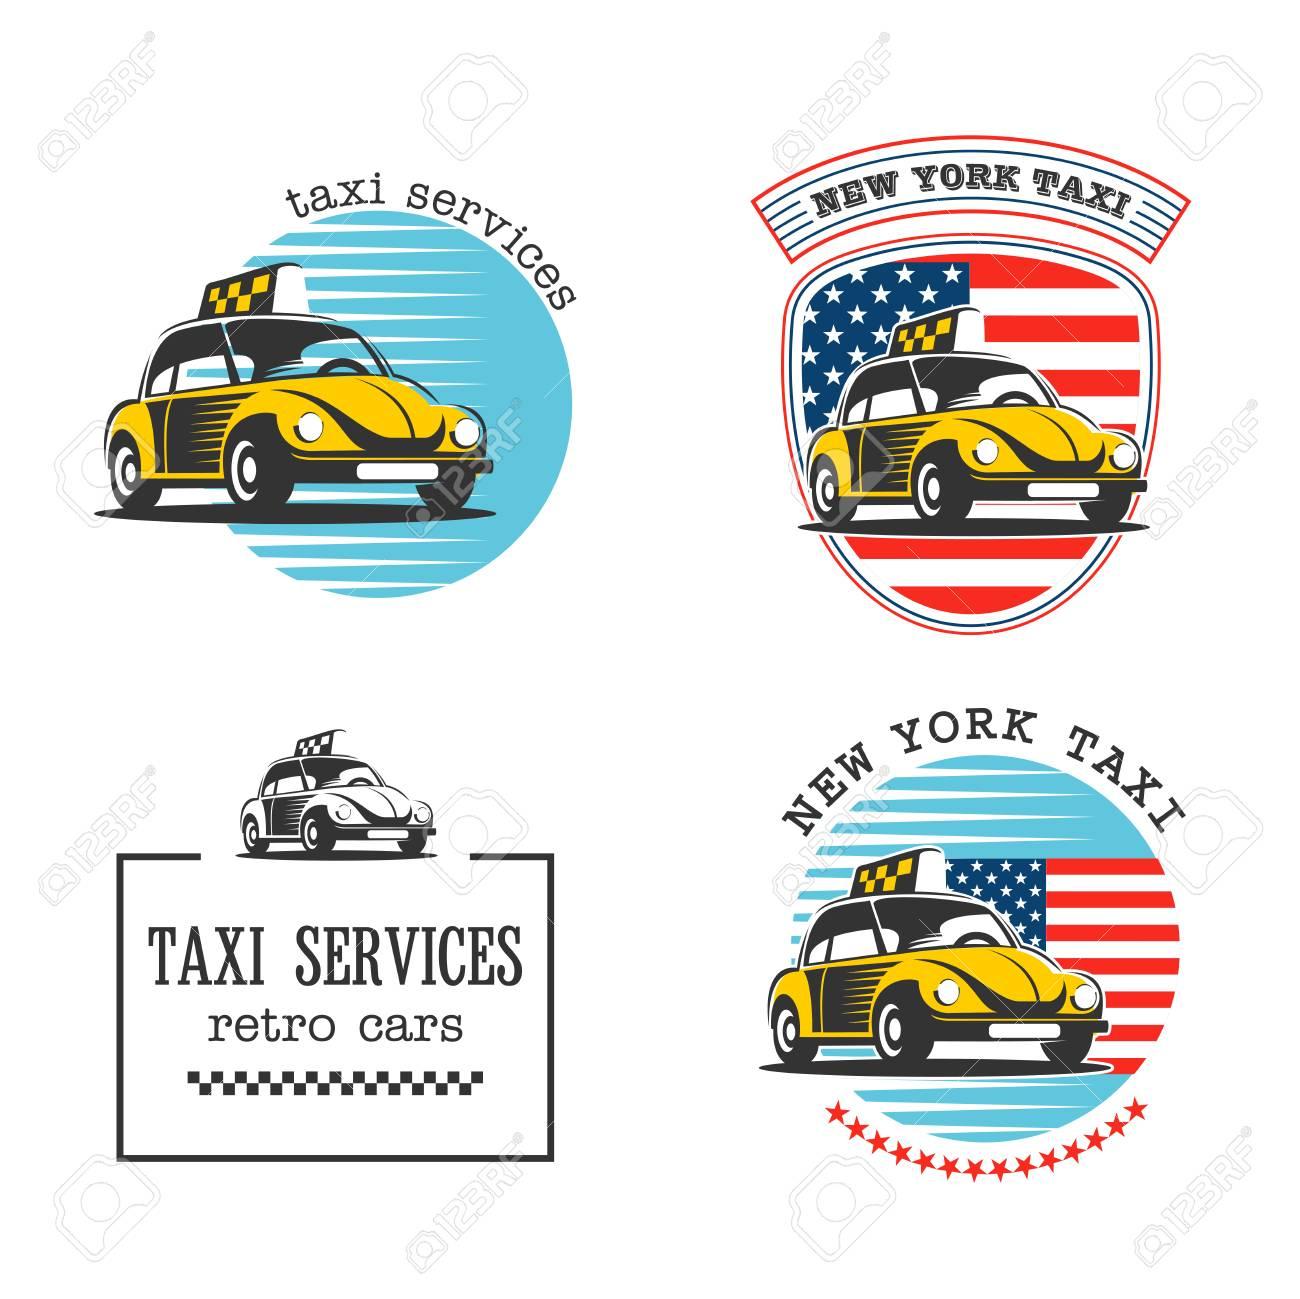 Taxi À New York. Service De Taxi. Jeu De Logos Vectoriels Voiture De Taxi  Jaune Sur Un Fond De Drapeau Américain. destiné Jeux De Voiture Jaune